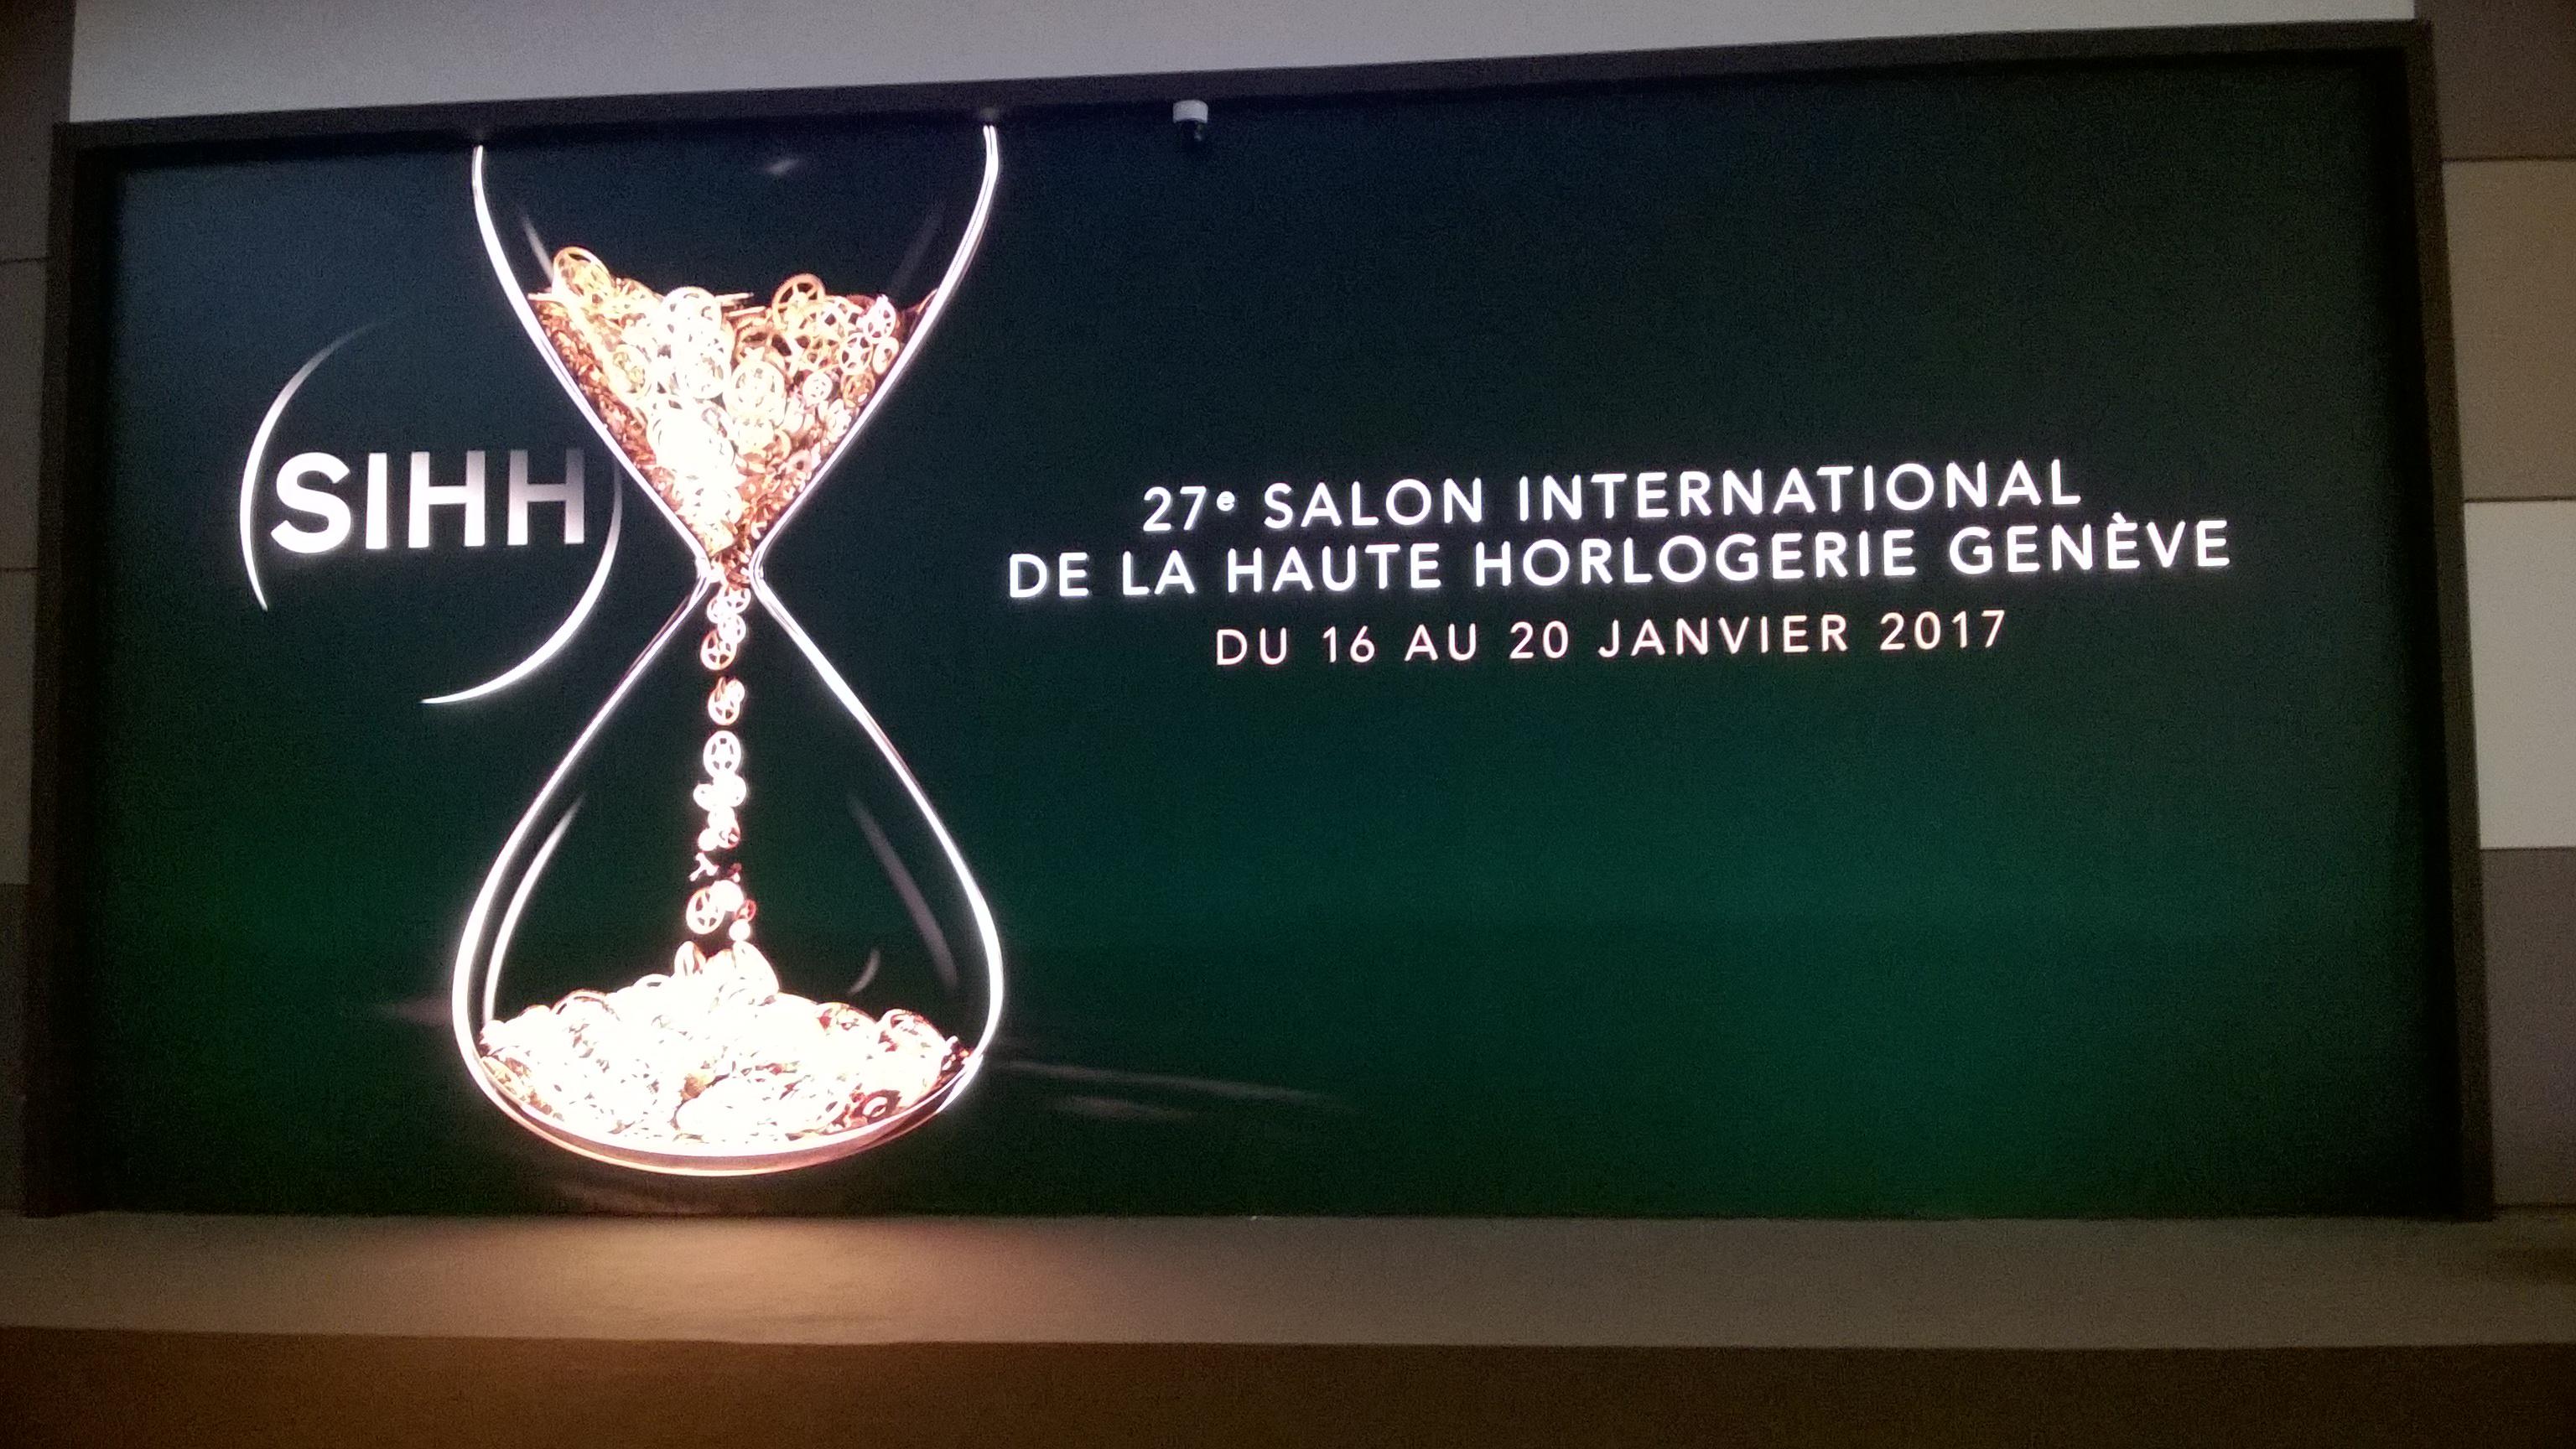 Welcome at the Salon International de la Haute Horlogerie 2017!